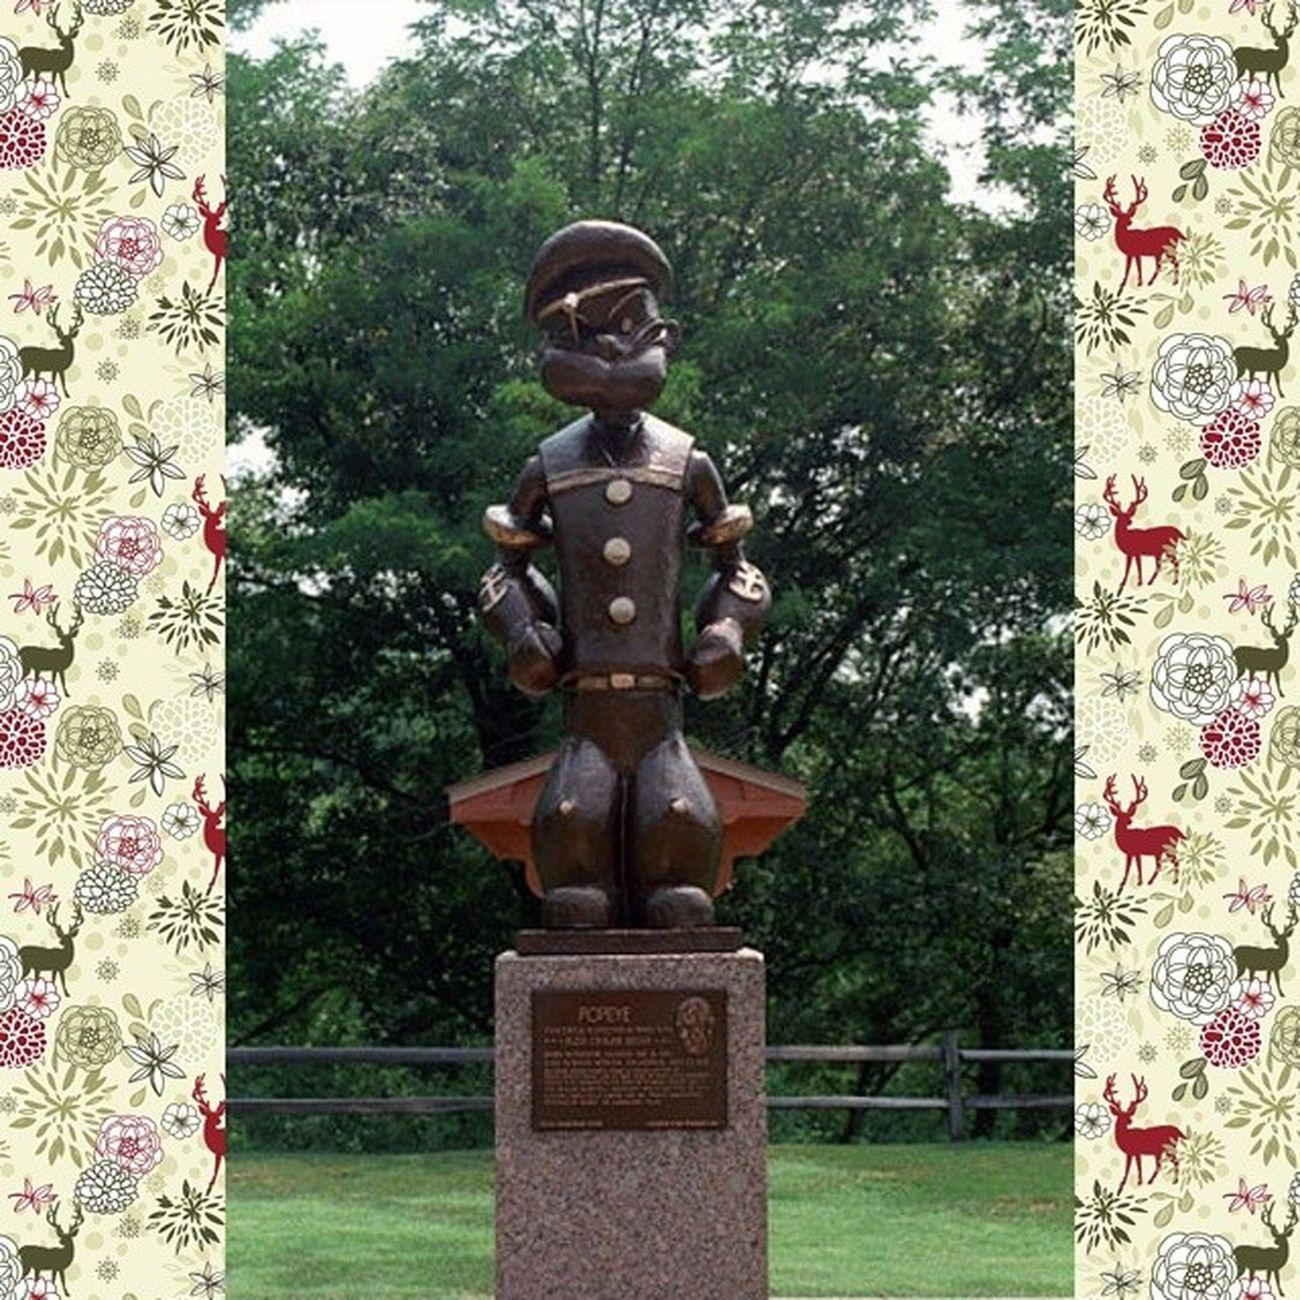 Статуя Попаю в Честере, Иллинойс, США Попай моряк Popeye Sculpture памятник